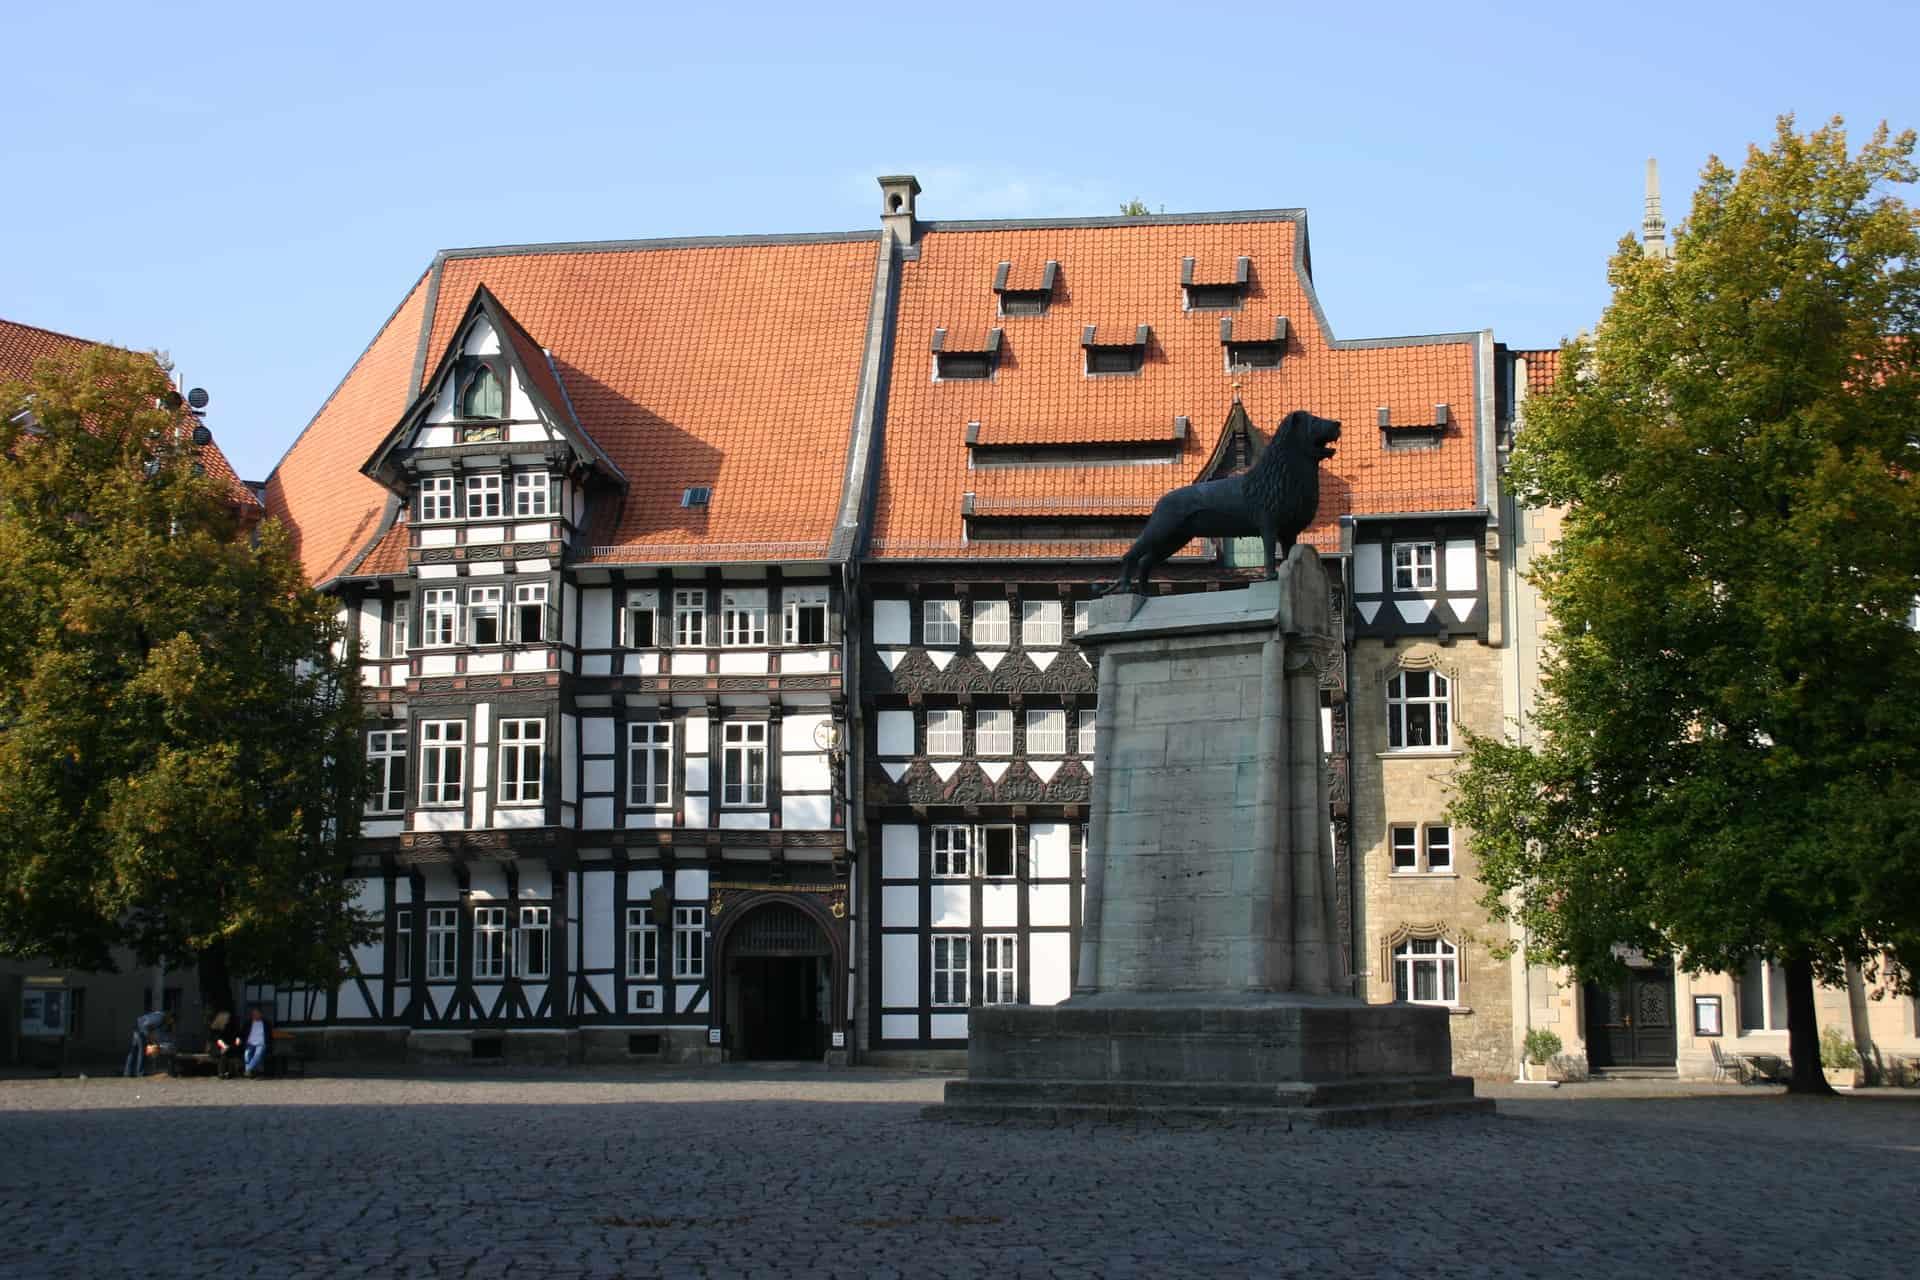 In voller Pracht: das Ensemble mit dem von Veltheimischen Haus und dem Huneborstelschen Haus im Jahr 2006. Foto: Handwerkskammer